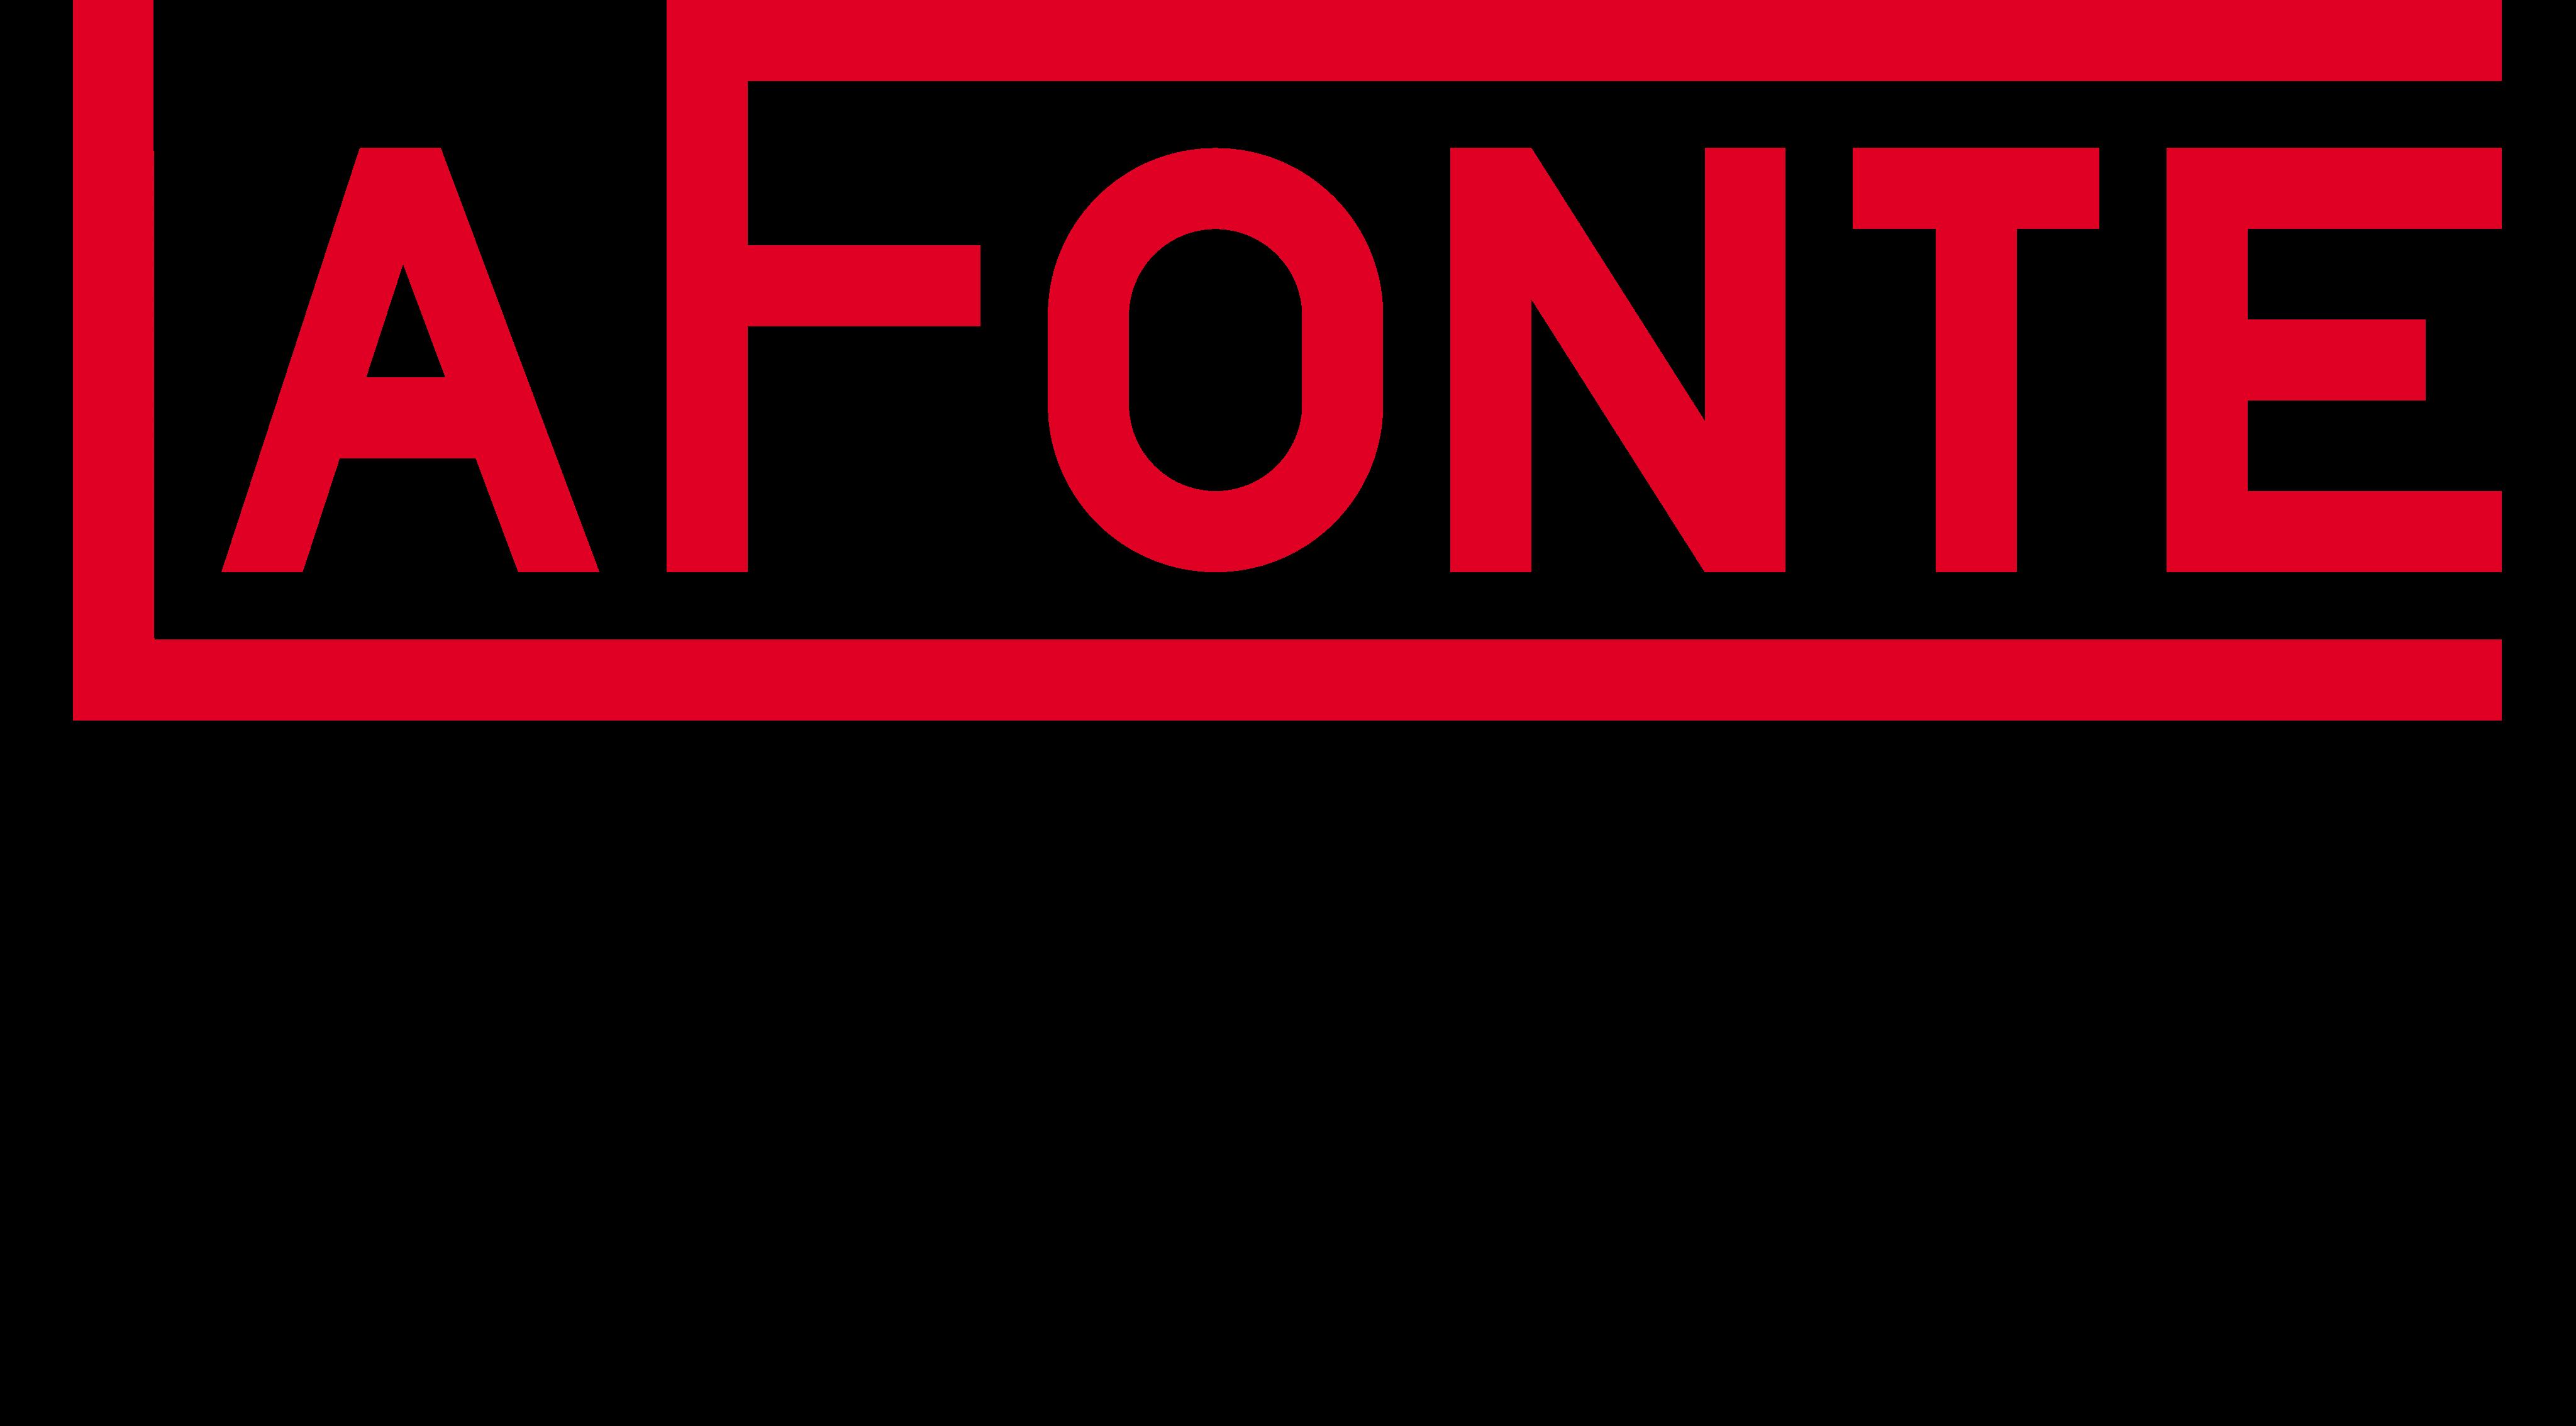 la fonte logo 1 - La Fonte Logo